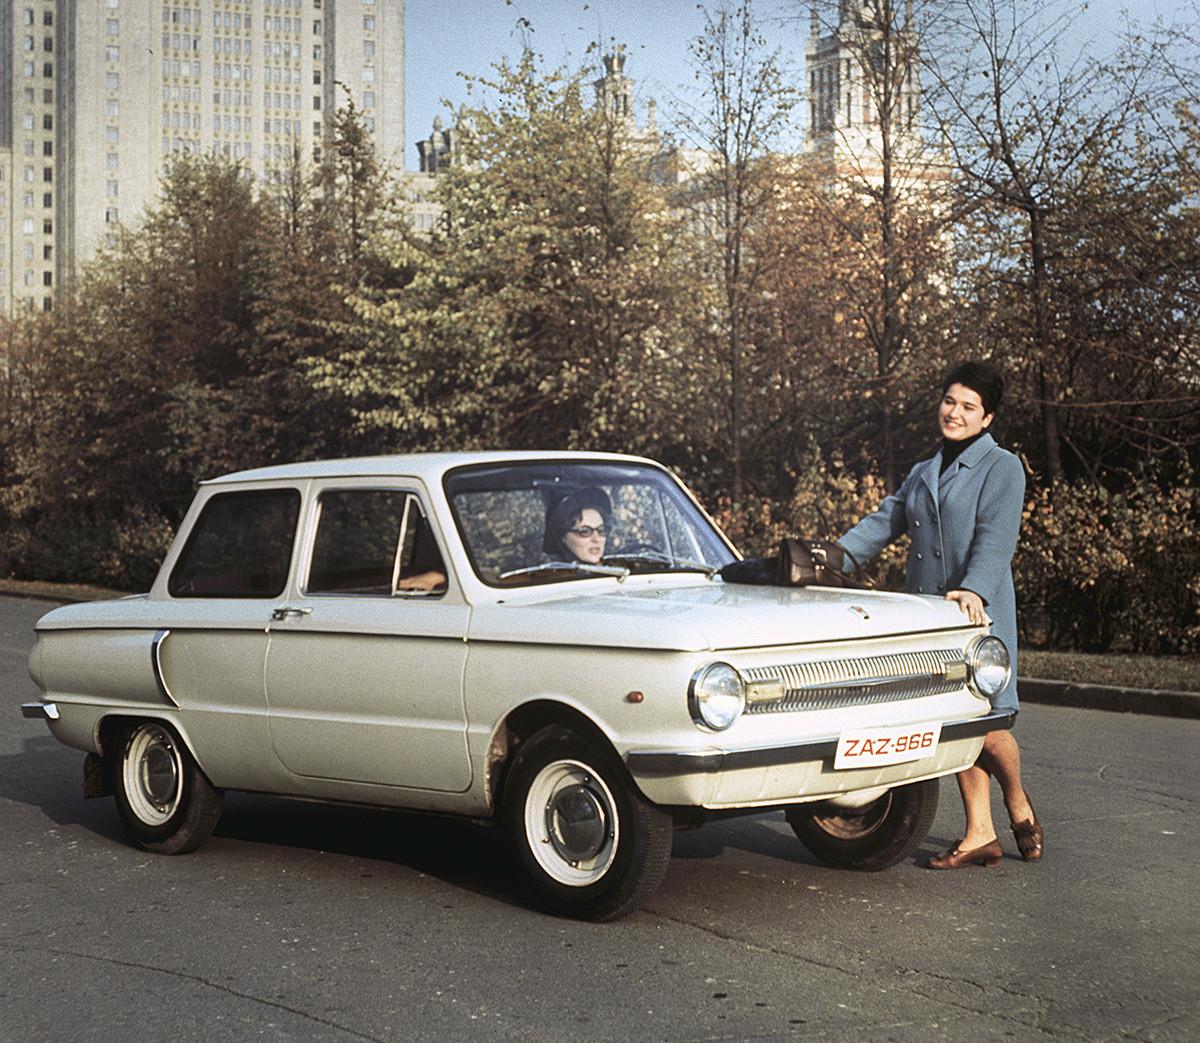 Putnički automobil ZAZ-966 Zaporoškog automobilskog zavoda (u narodu poznat kao Zaporožec), 1970.